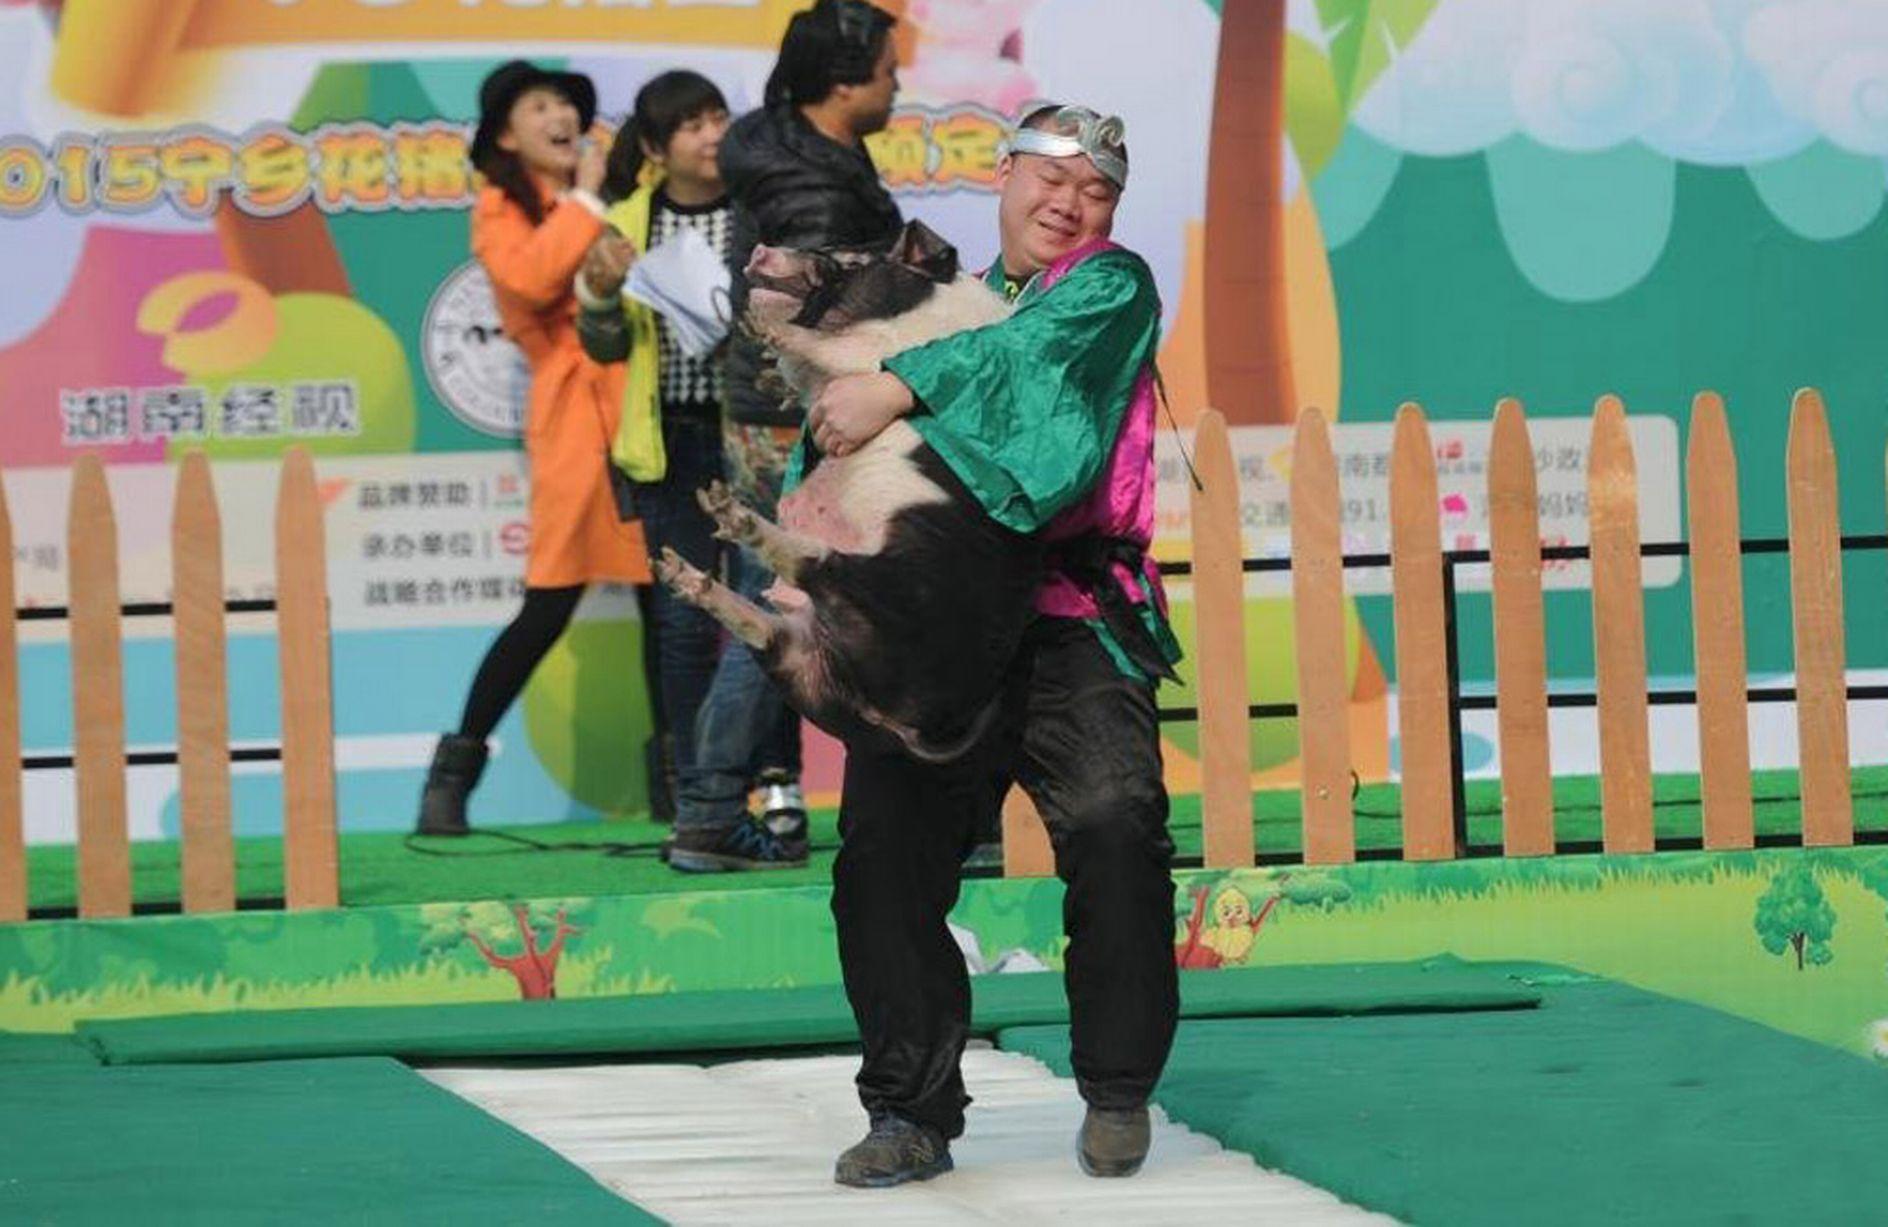 Trung Quốc: Thưởng Tết bằng... lợn - 1